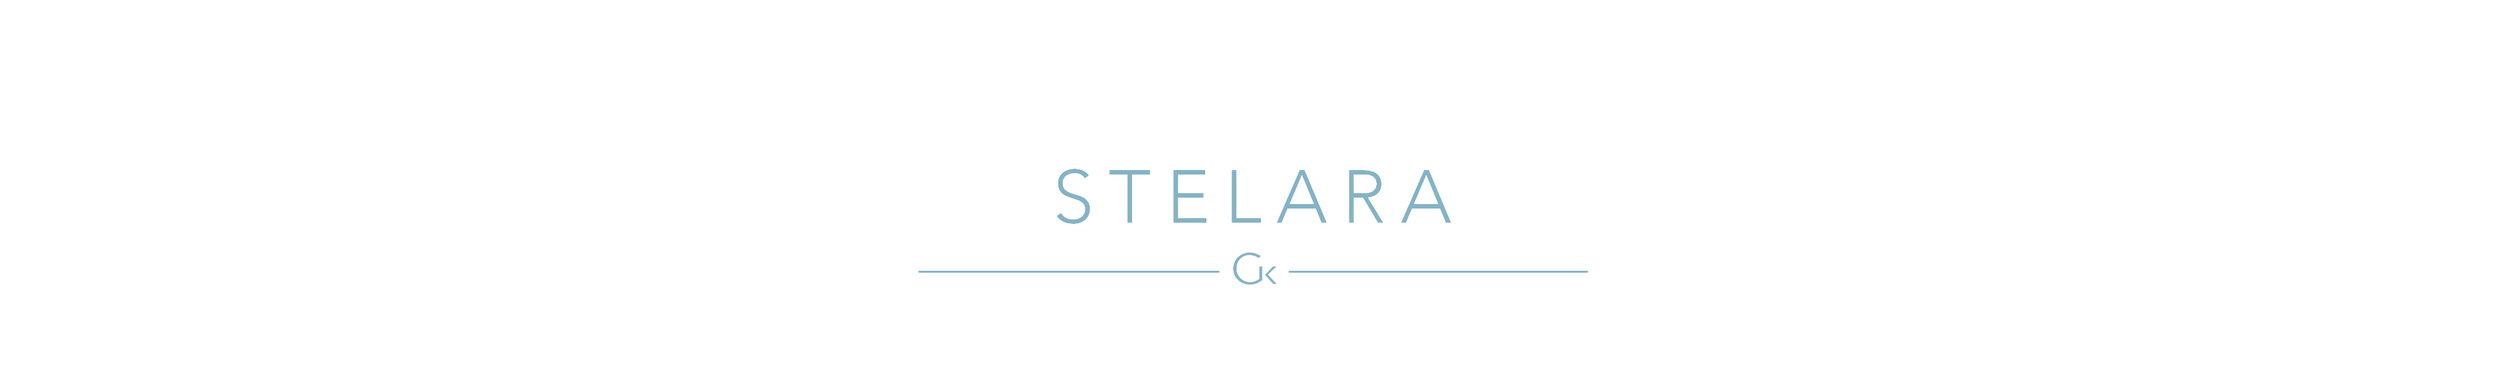 STELARA.jpg